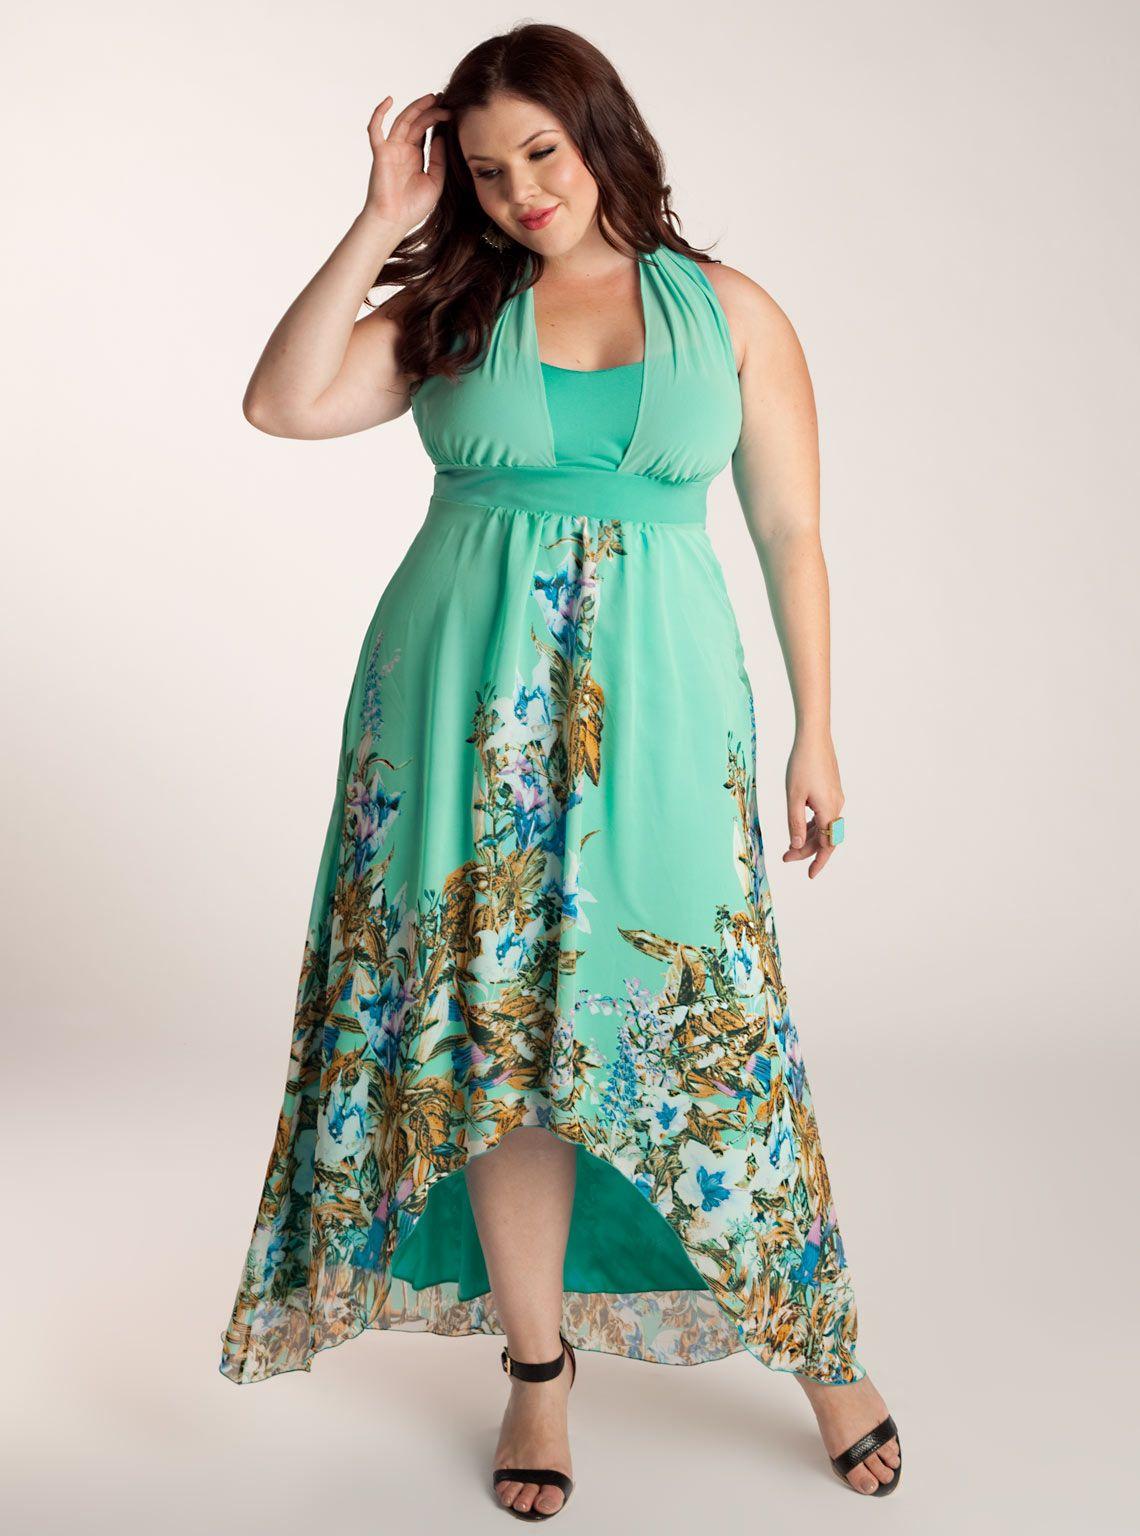 Plus Size Petite Maxi Dresses